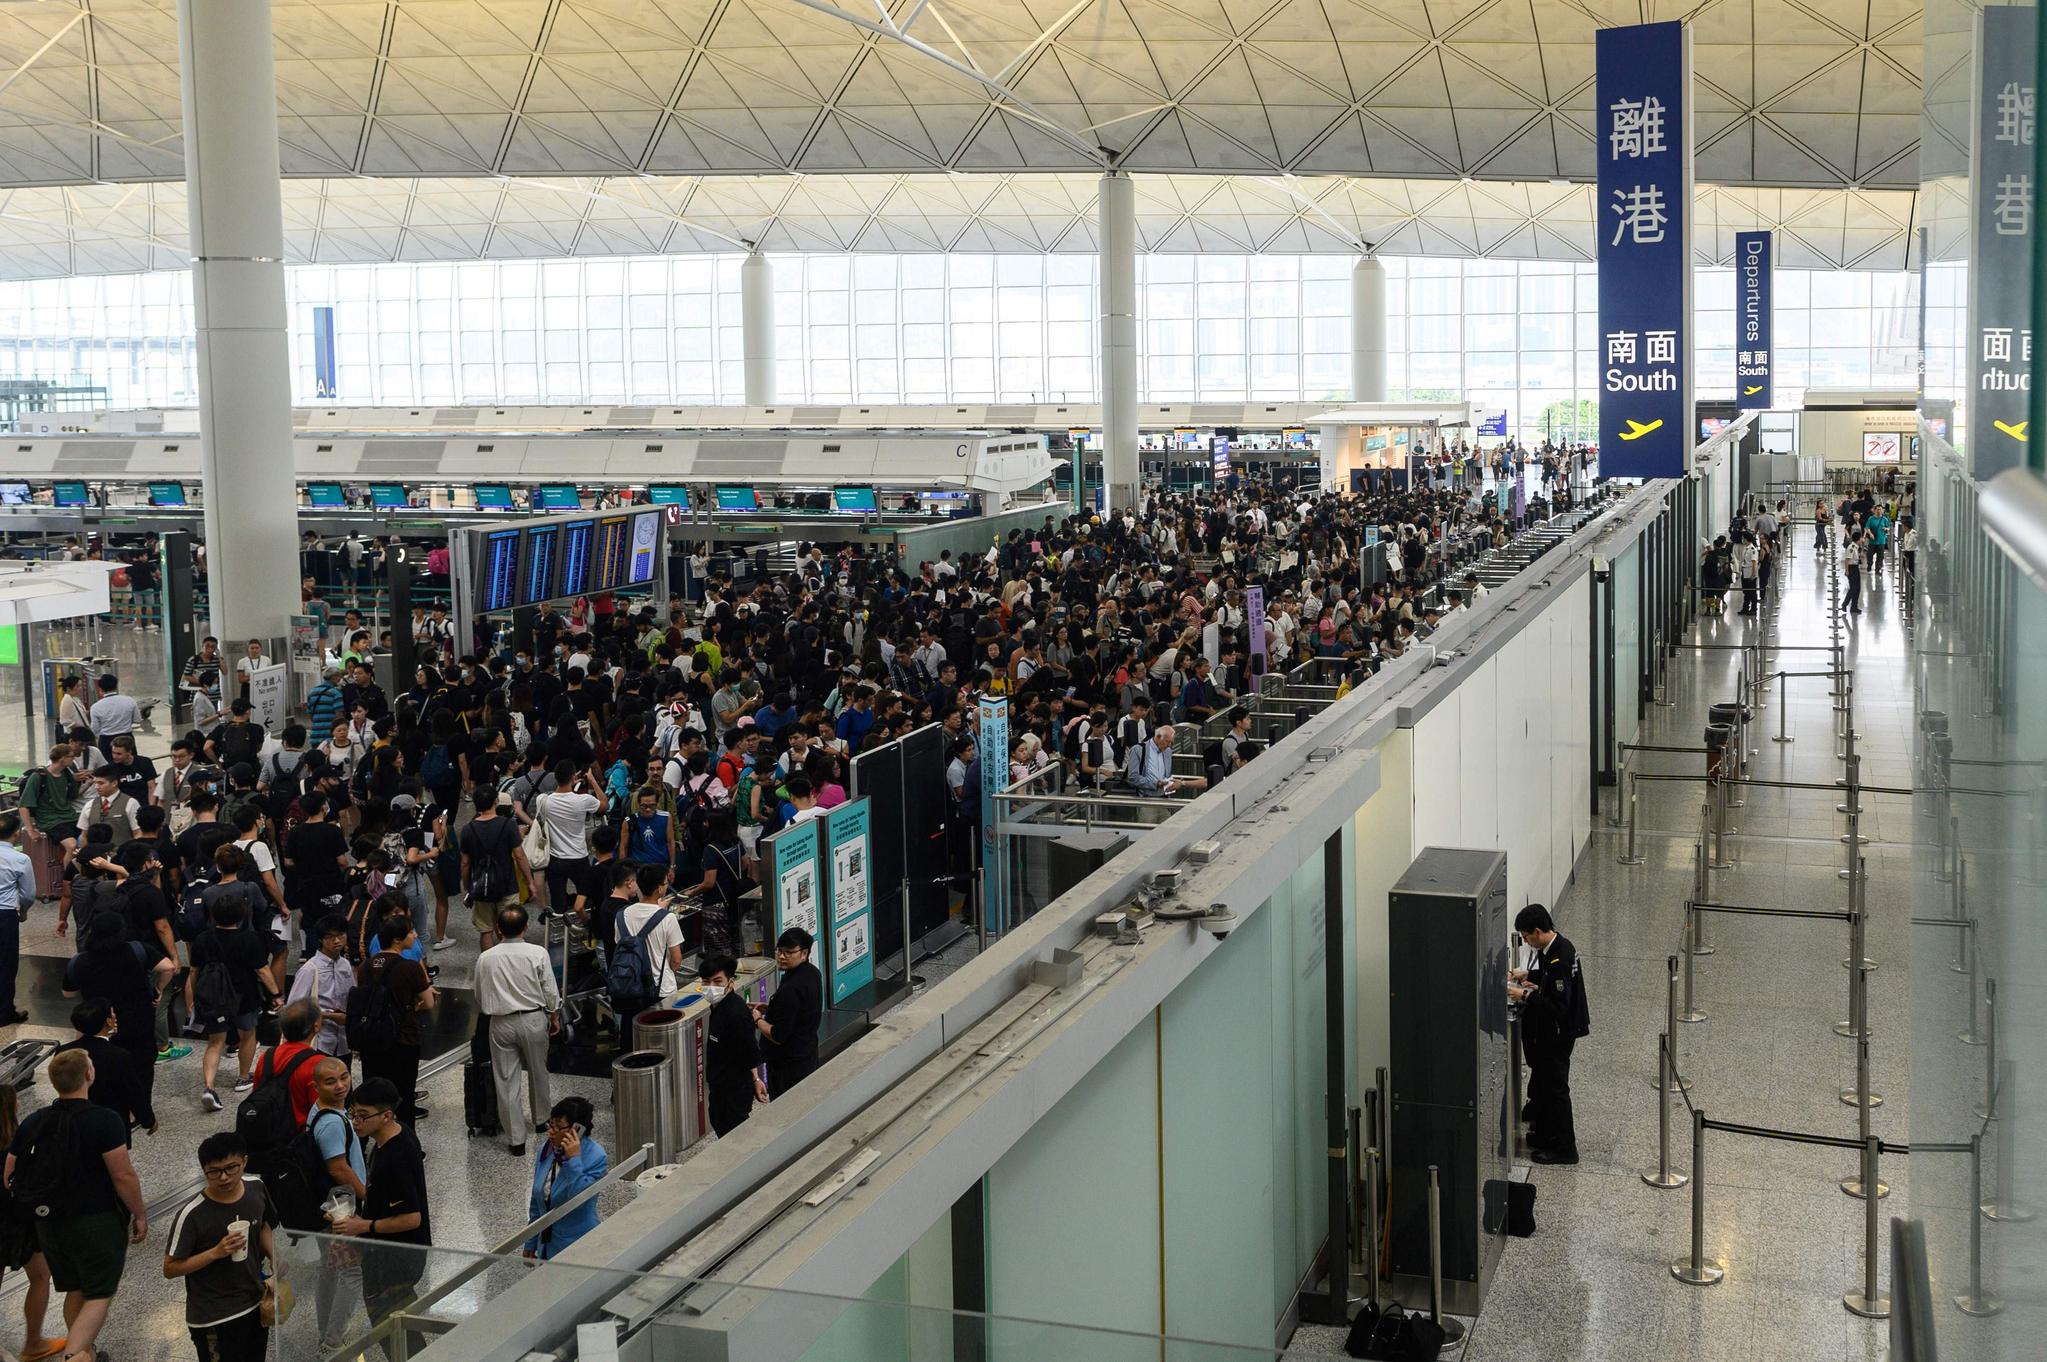 시위대가 13일 홍콩국제공항 출구 게이트를 막으면서 여행객들이 큰 불편을 겪었다. [AFP=연합뉴스]